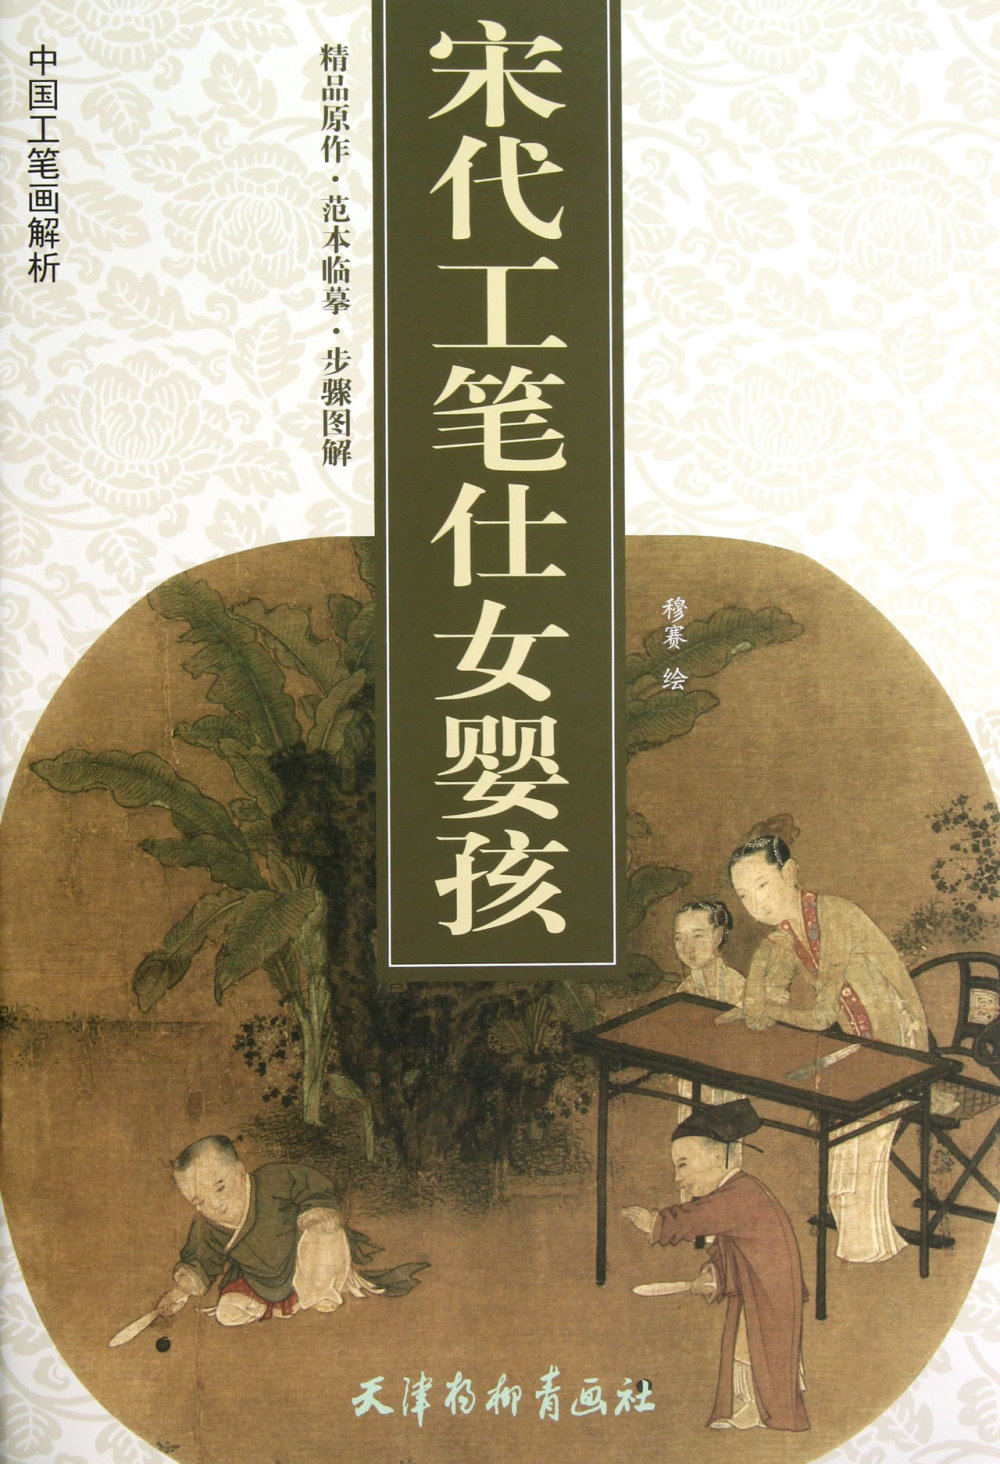 中國工筆畫解析:宋代工筆仕女嬰孩